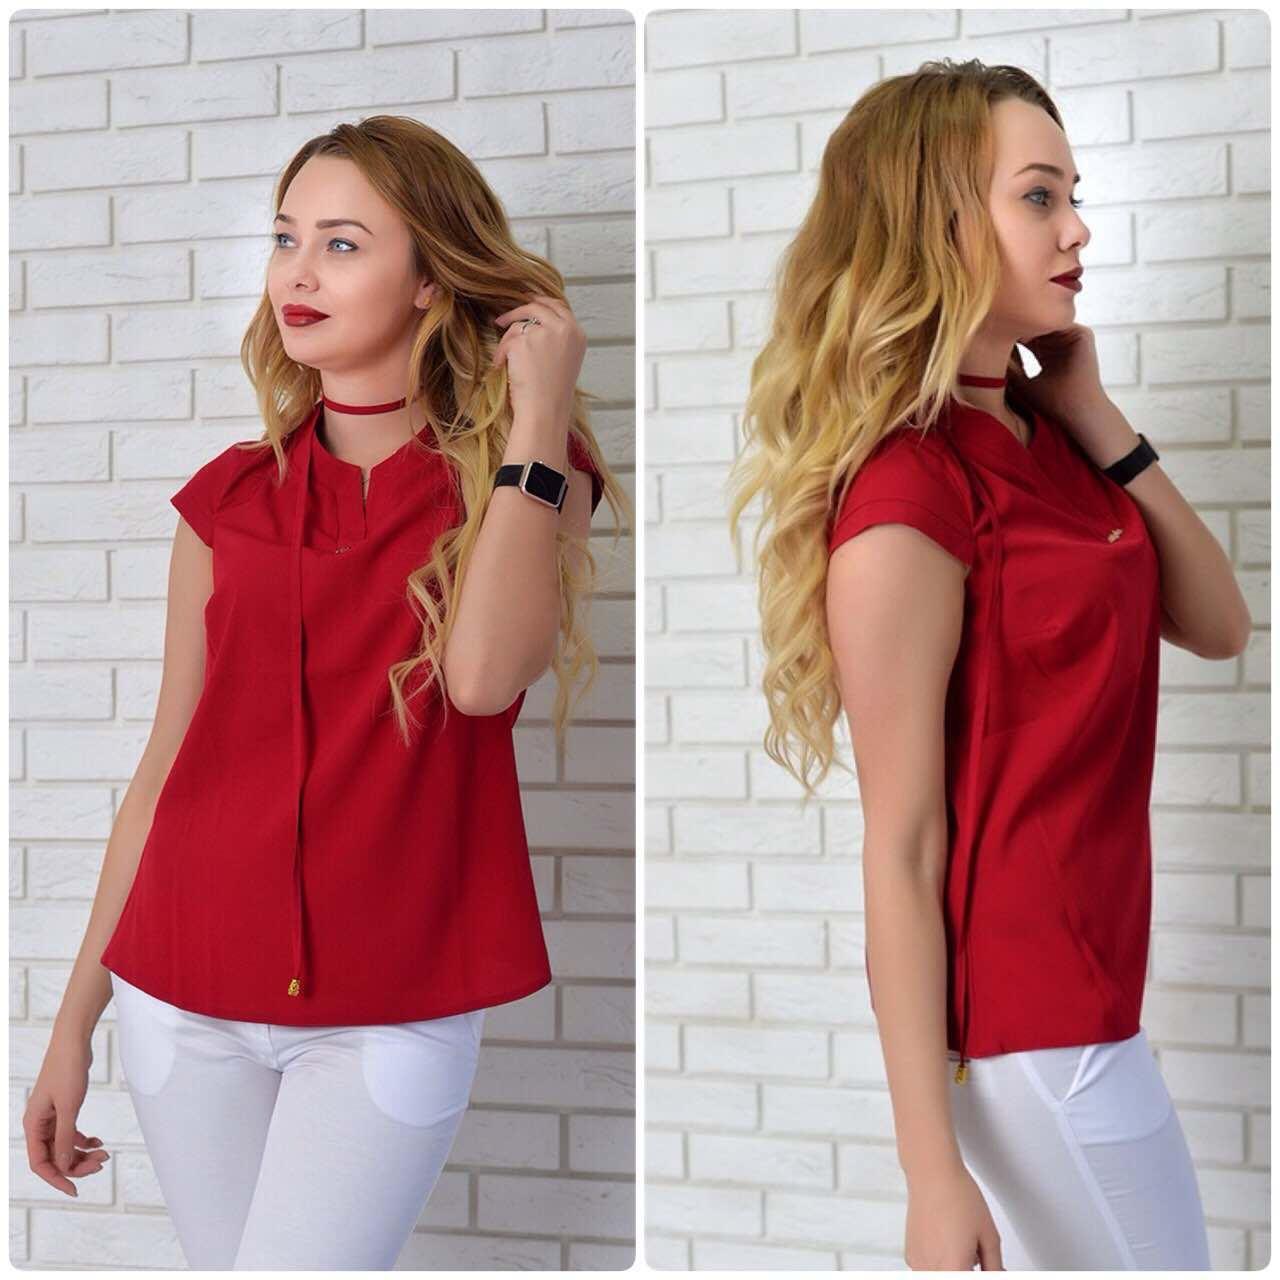 Блузка женская, модель 903, марсала, фото 1